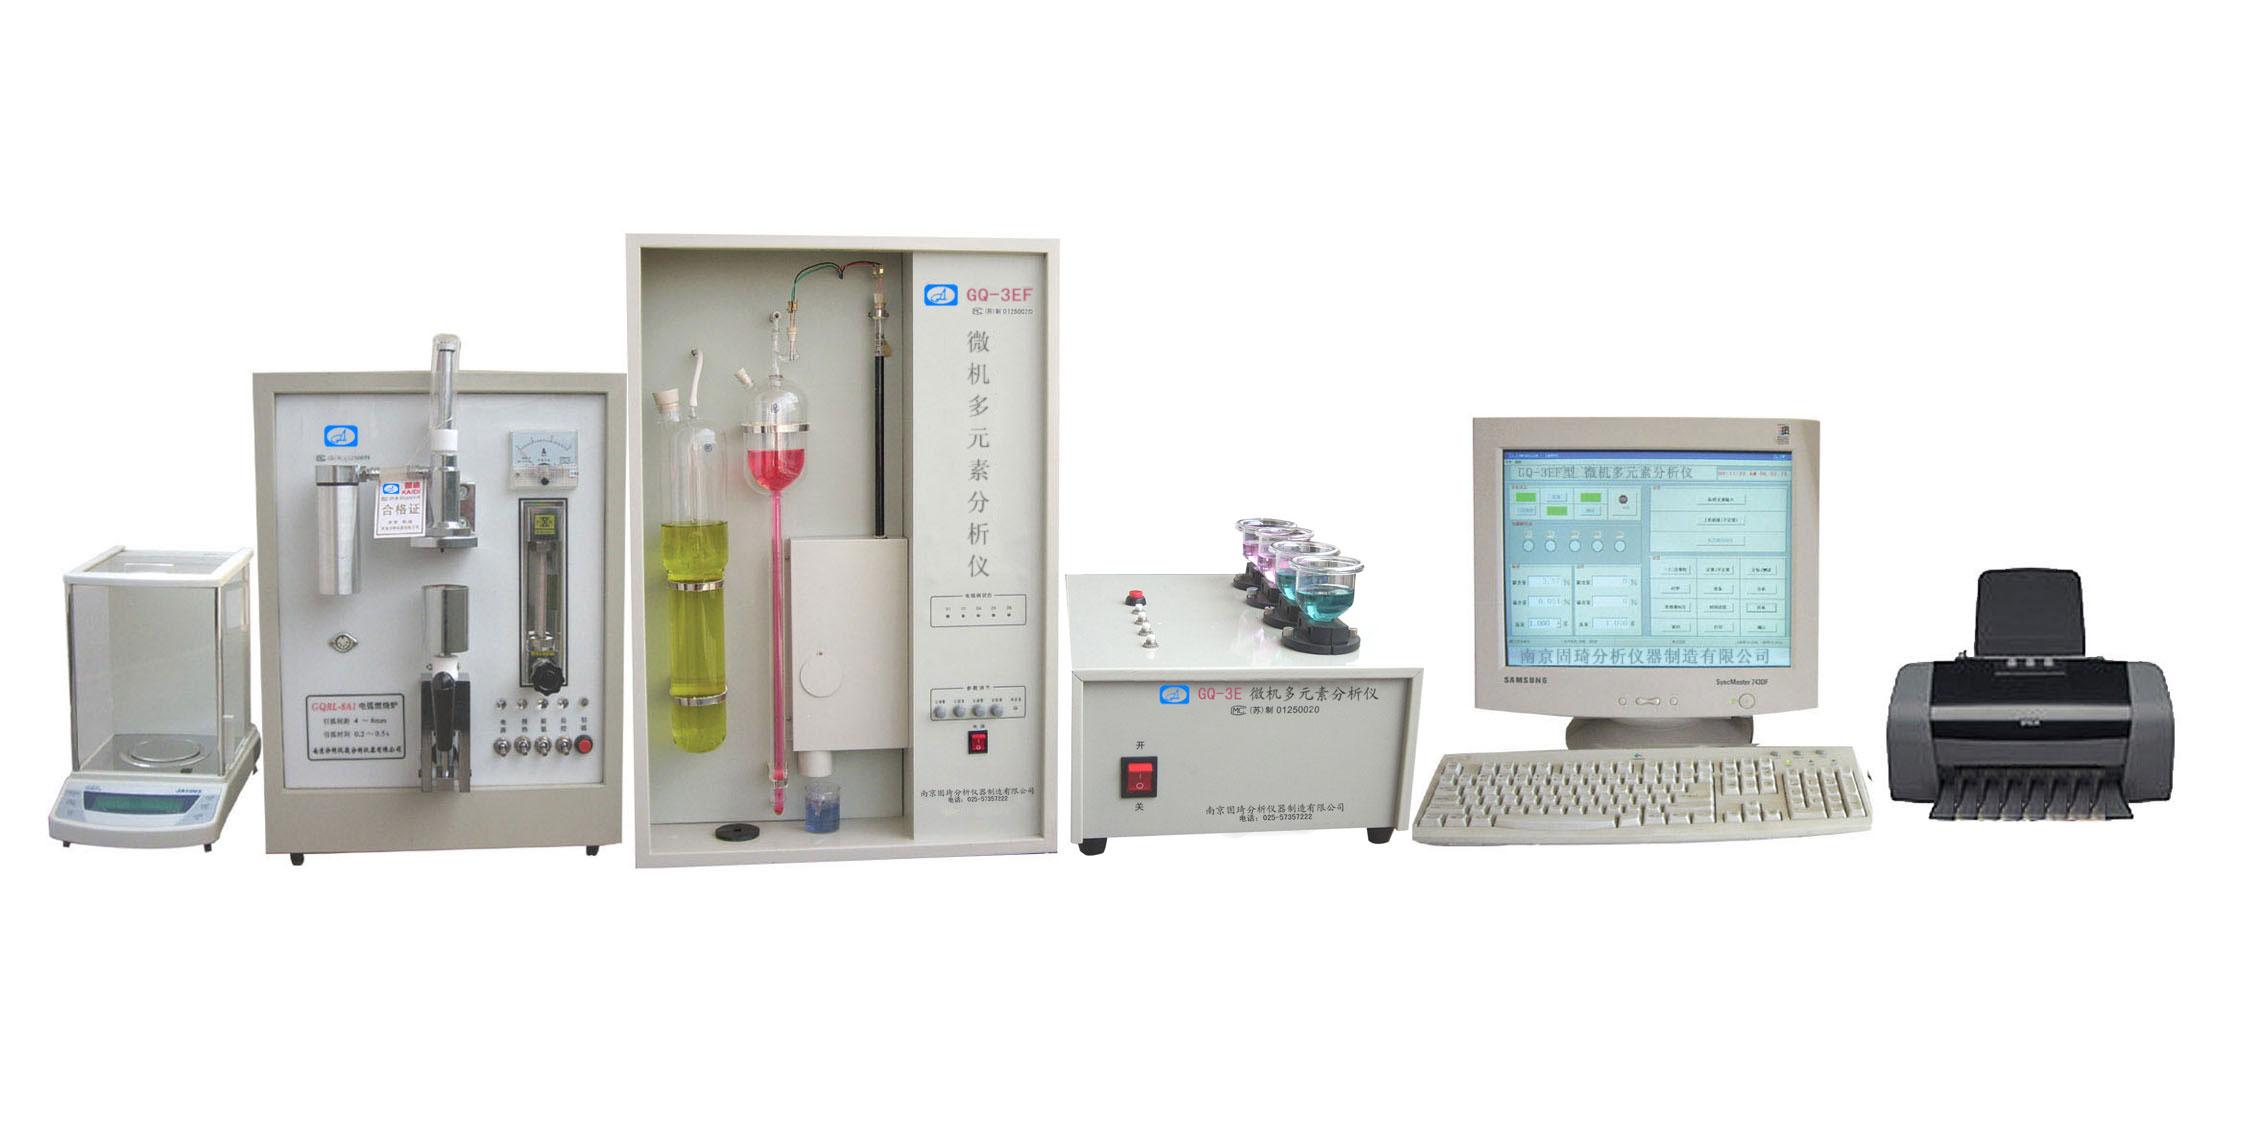 合金铸铁分析仪,铸铁检测仪器